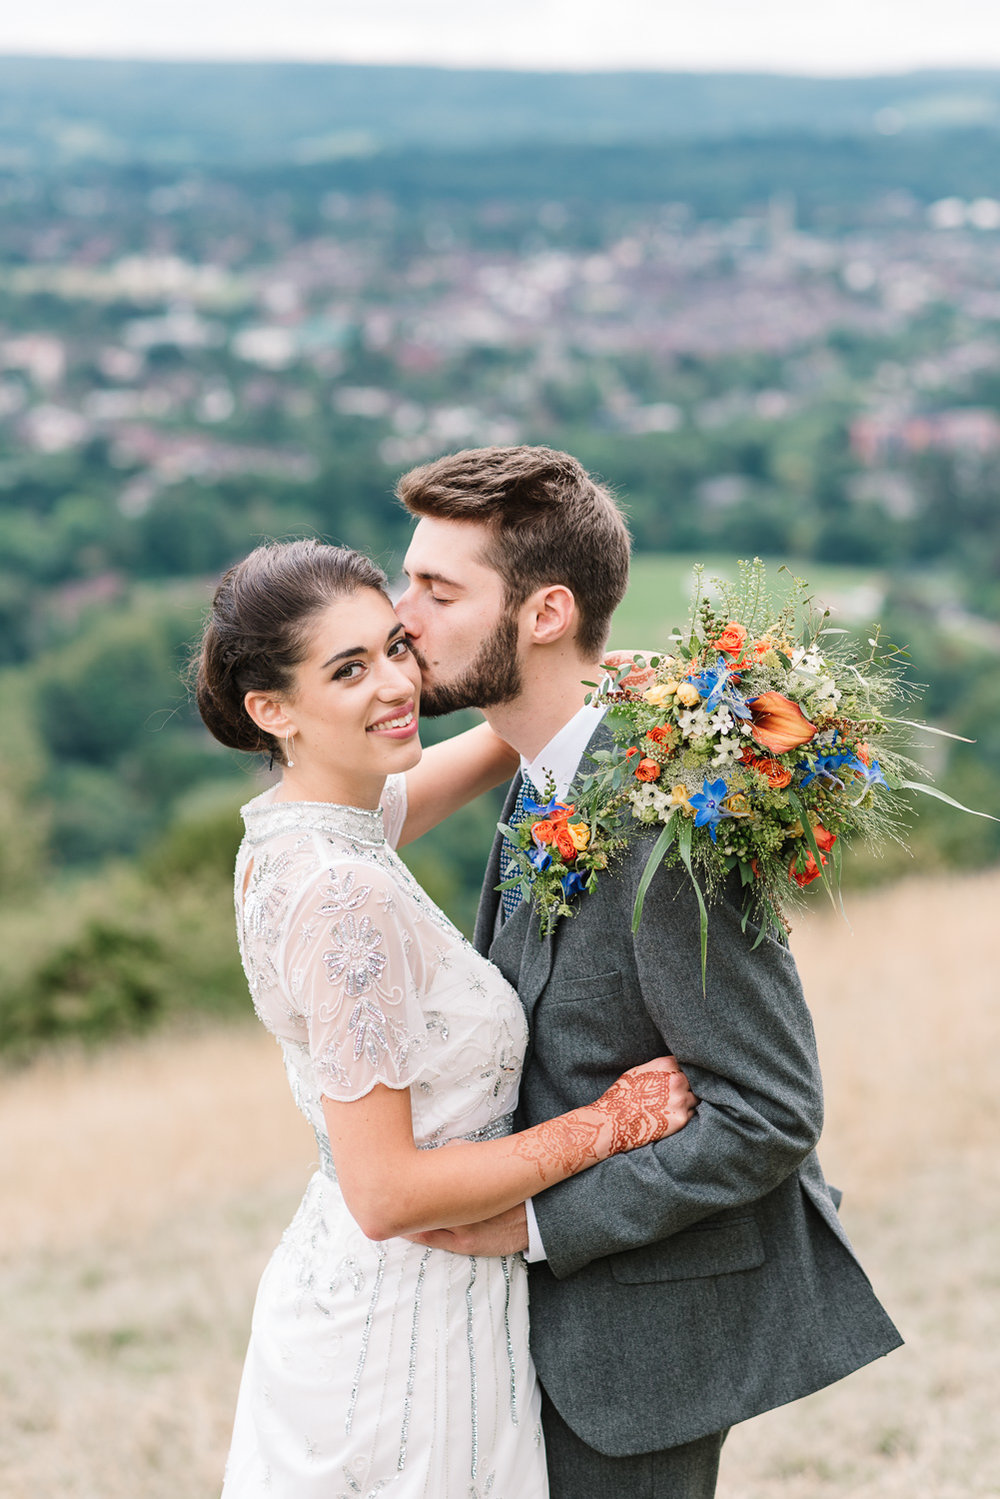 denbies-wedding-photographer-23.jpg